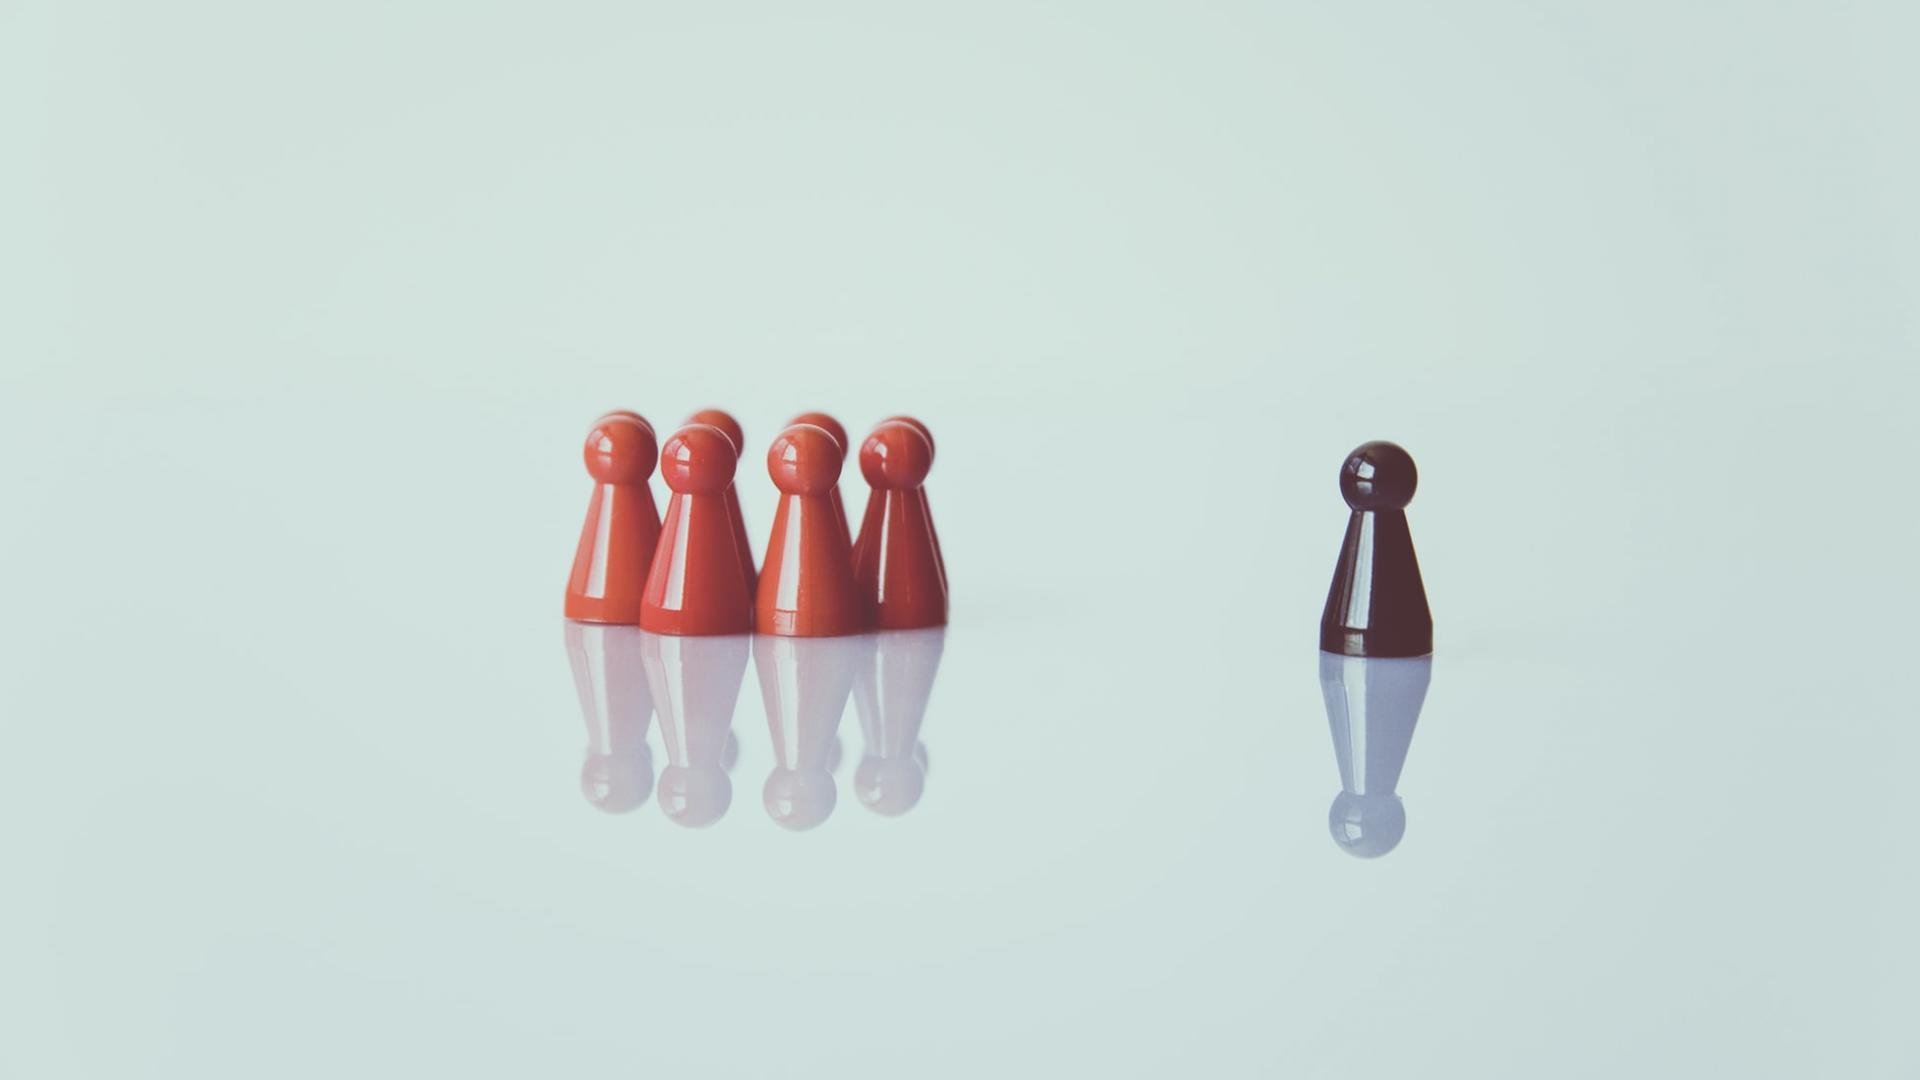 Rassismus und Diskriminierung